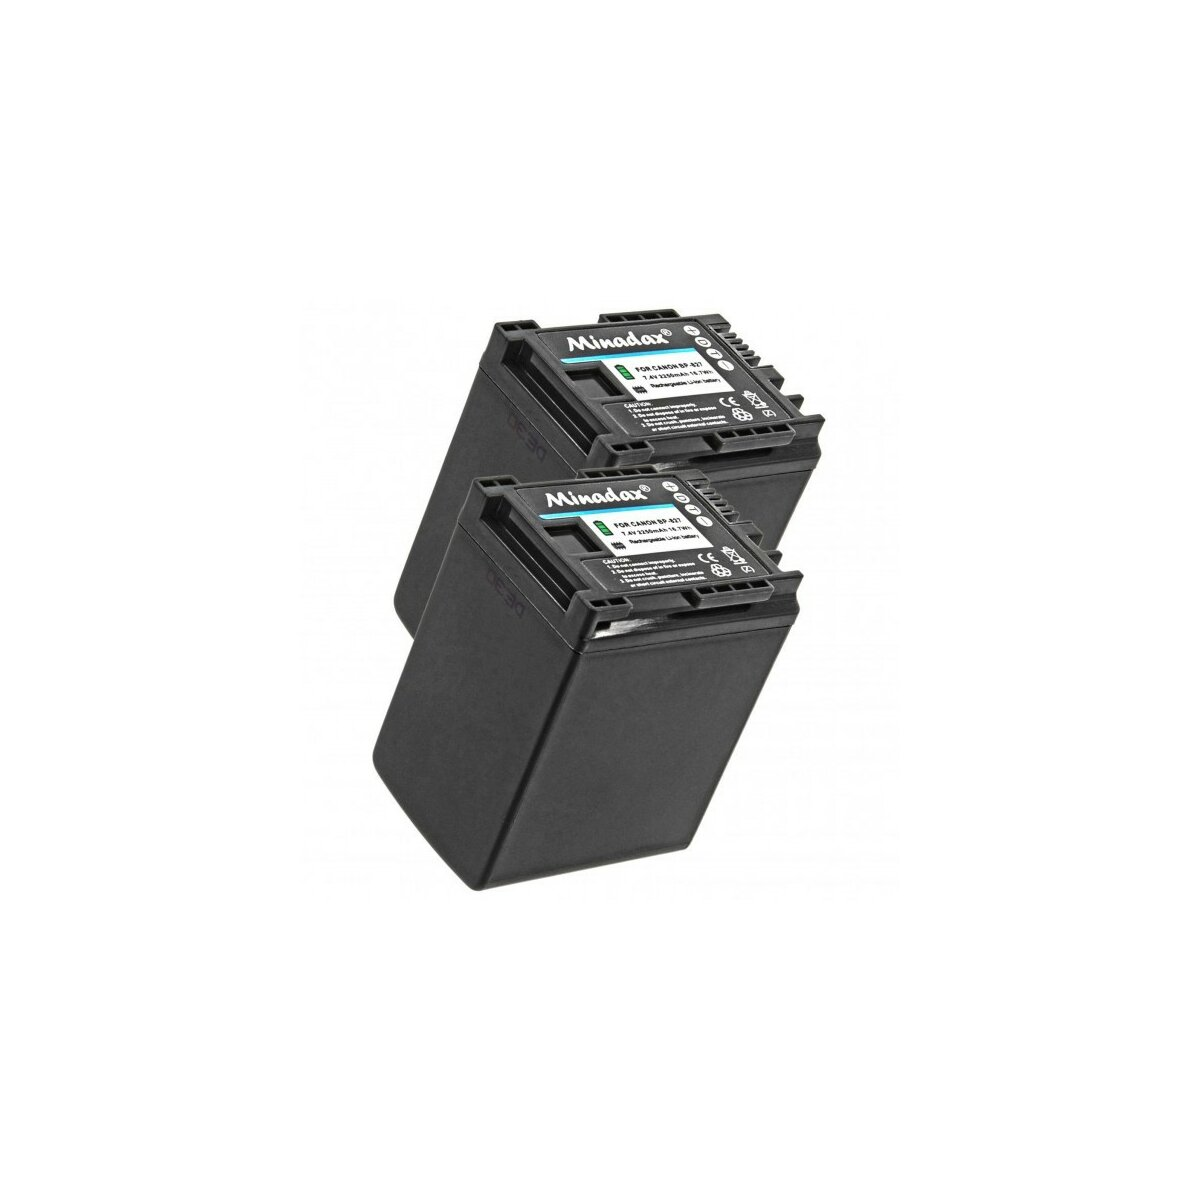 Minadax® 2x Qualitätsakku mit echten 2250 mAh kompatibel mit Canon XA20 XA25 LEGRIA HF G30 G25 G20 G10 M30 M31 M32 M40 M41 M300 M301 M400 S10 S11 S1400, Ersatz für BP-827 - Intelligentes Akkusystem mit Chip